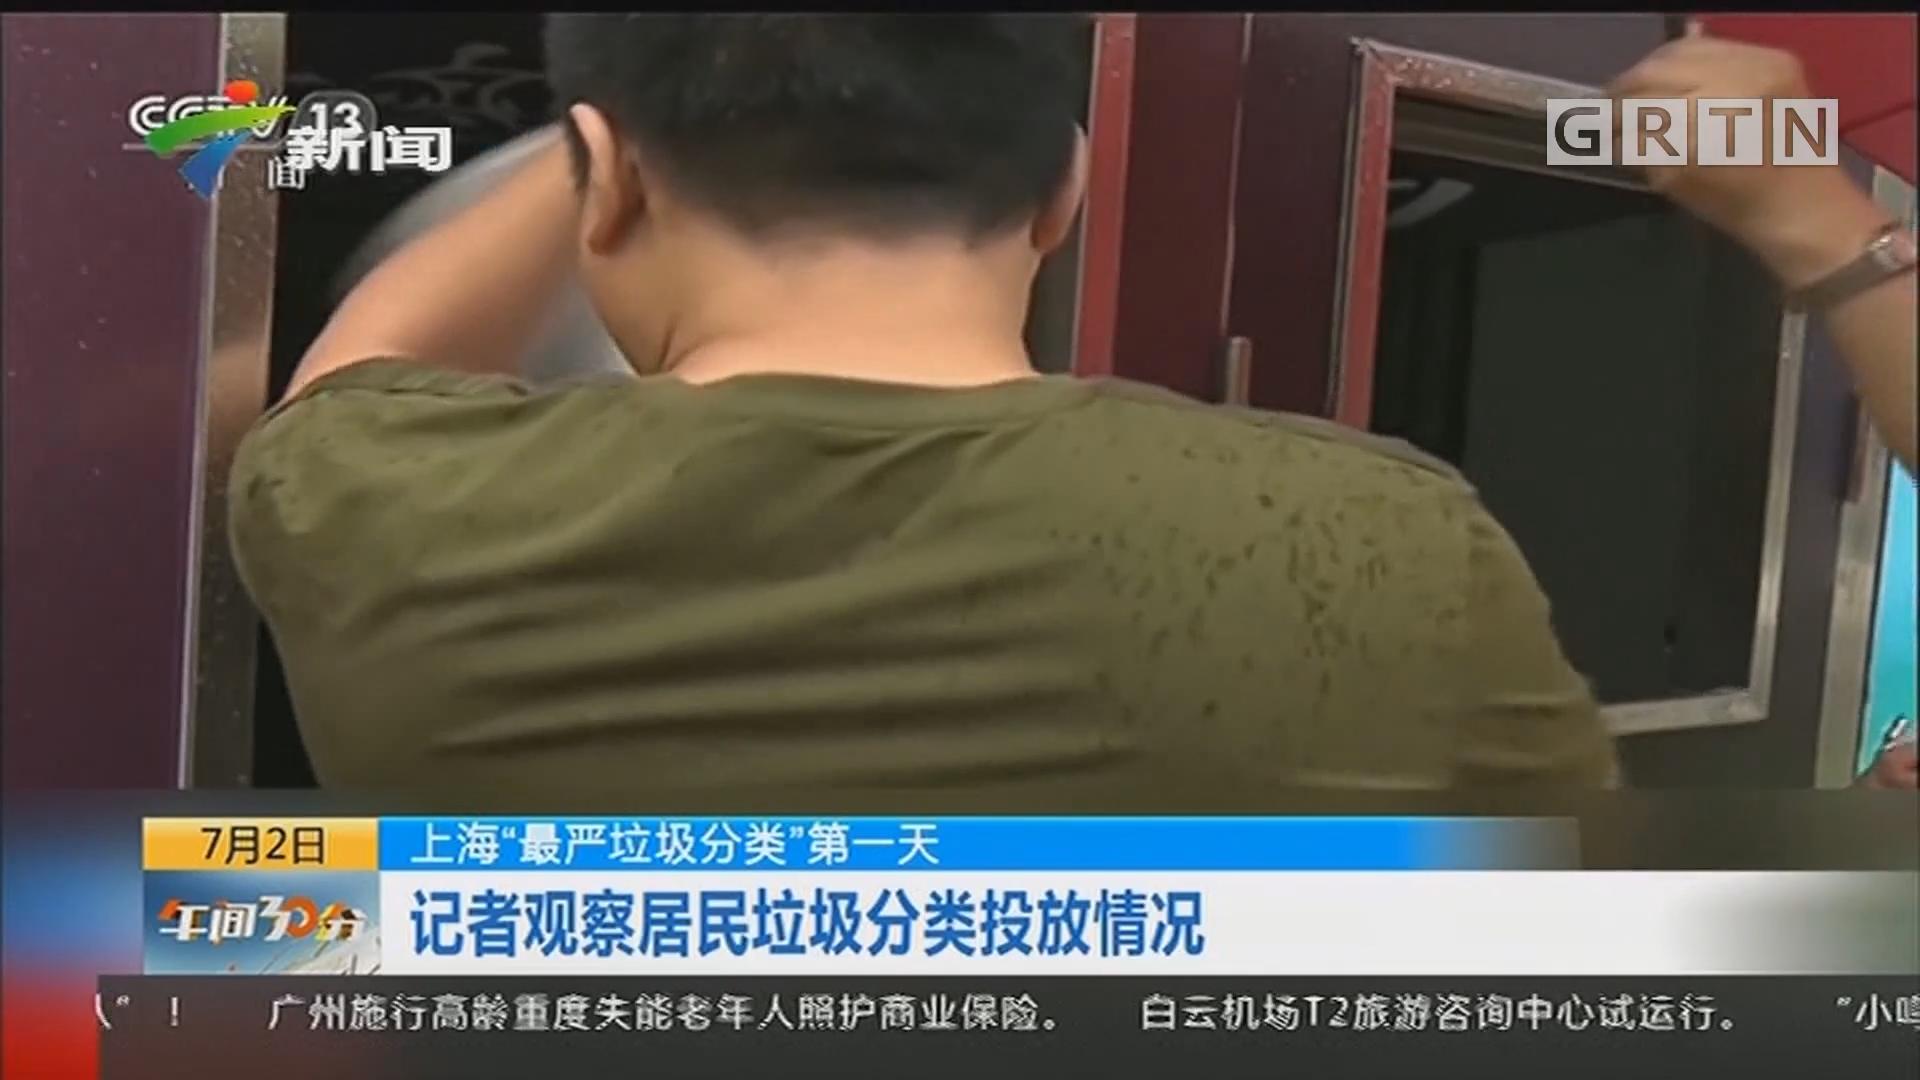 """上海""""最严垃圾分类""""第一天:记者观察居民垃圾分类投放情况"""